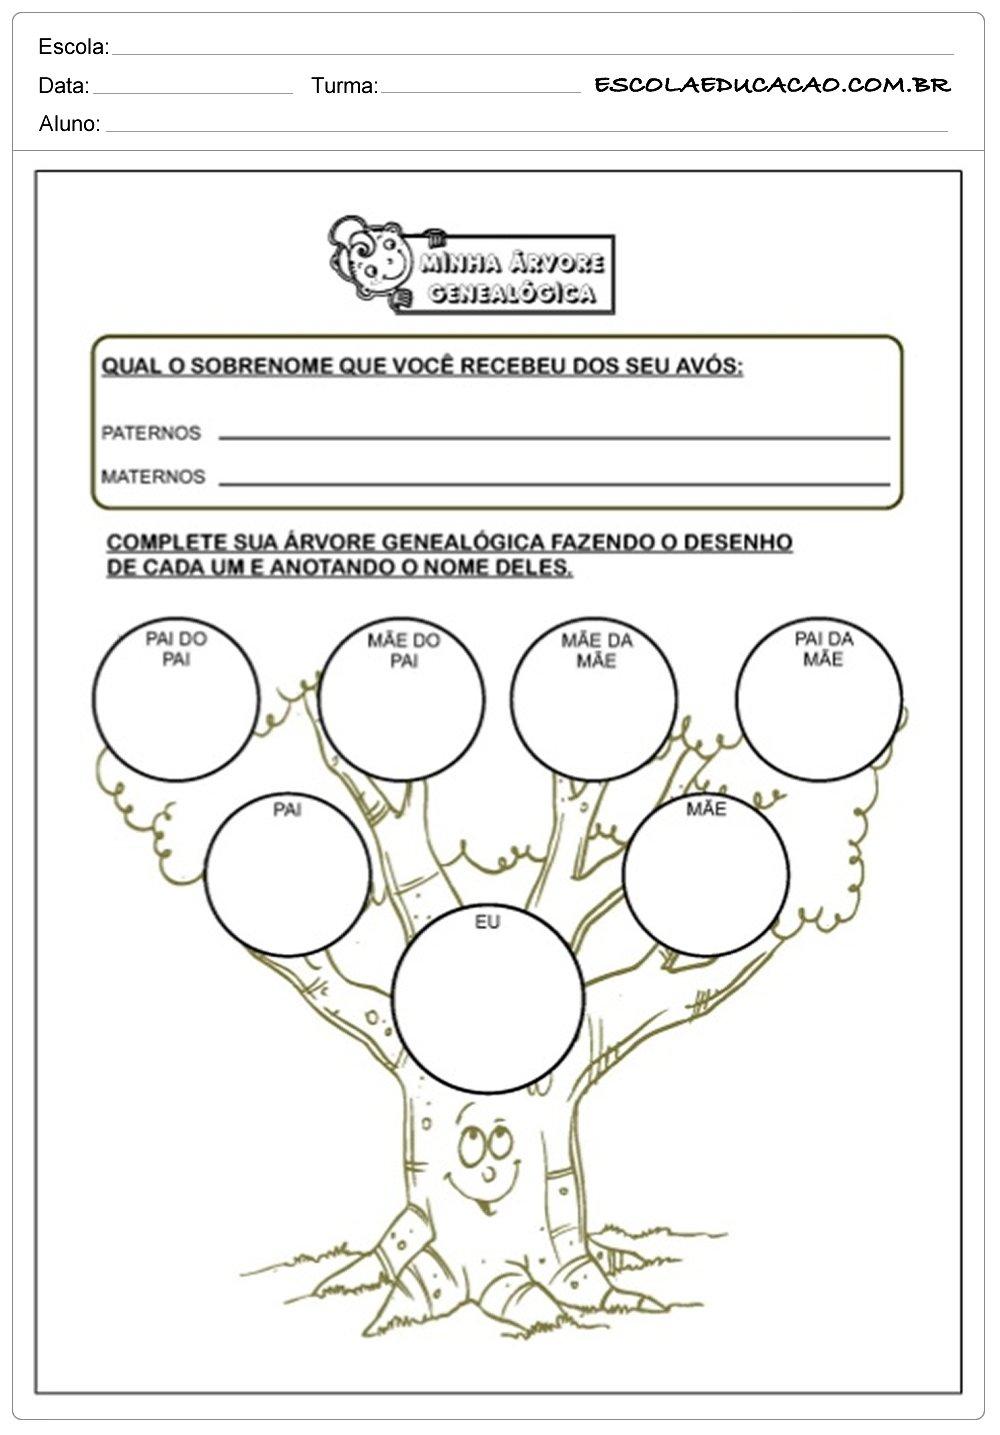 Top Atividades de Alfabetização - Árvore Genealógica - Escola Educação EL05